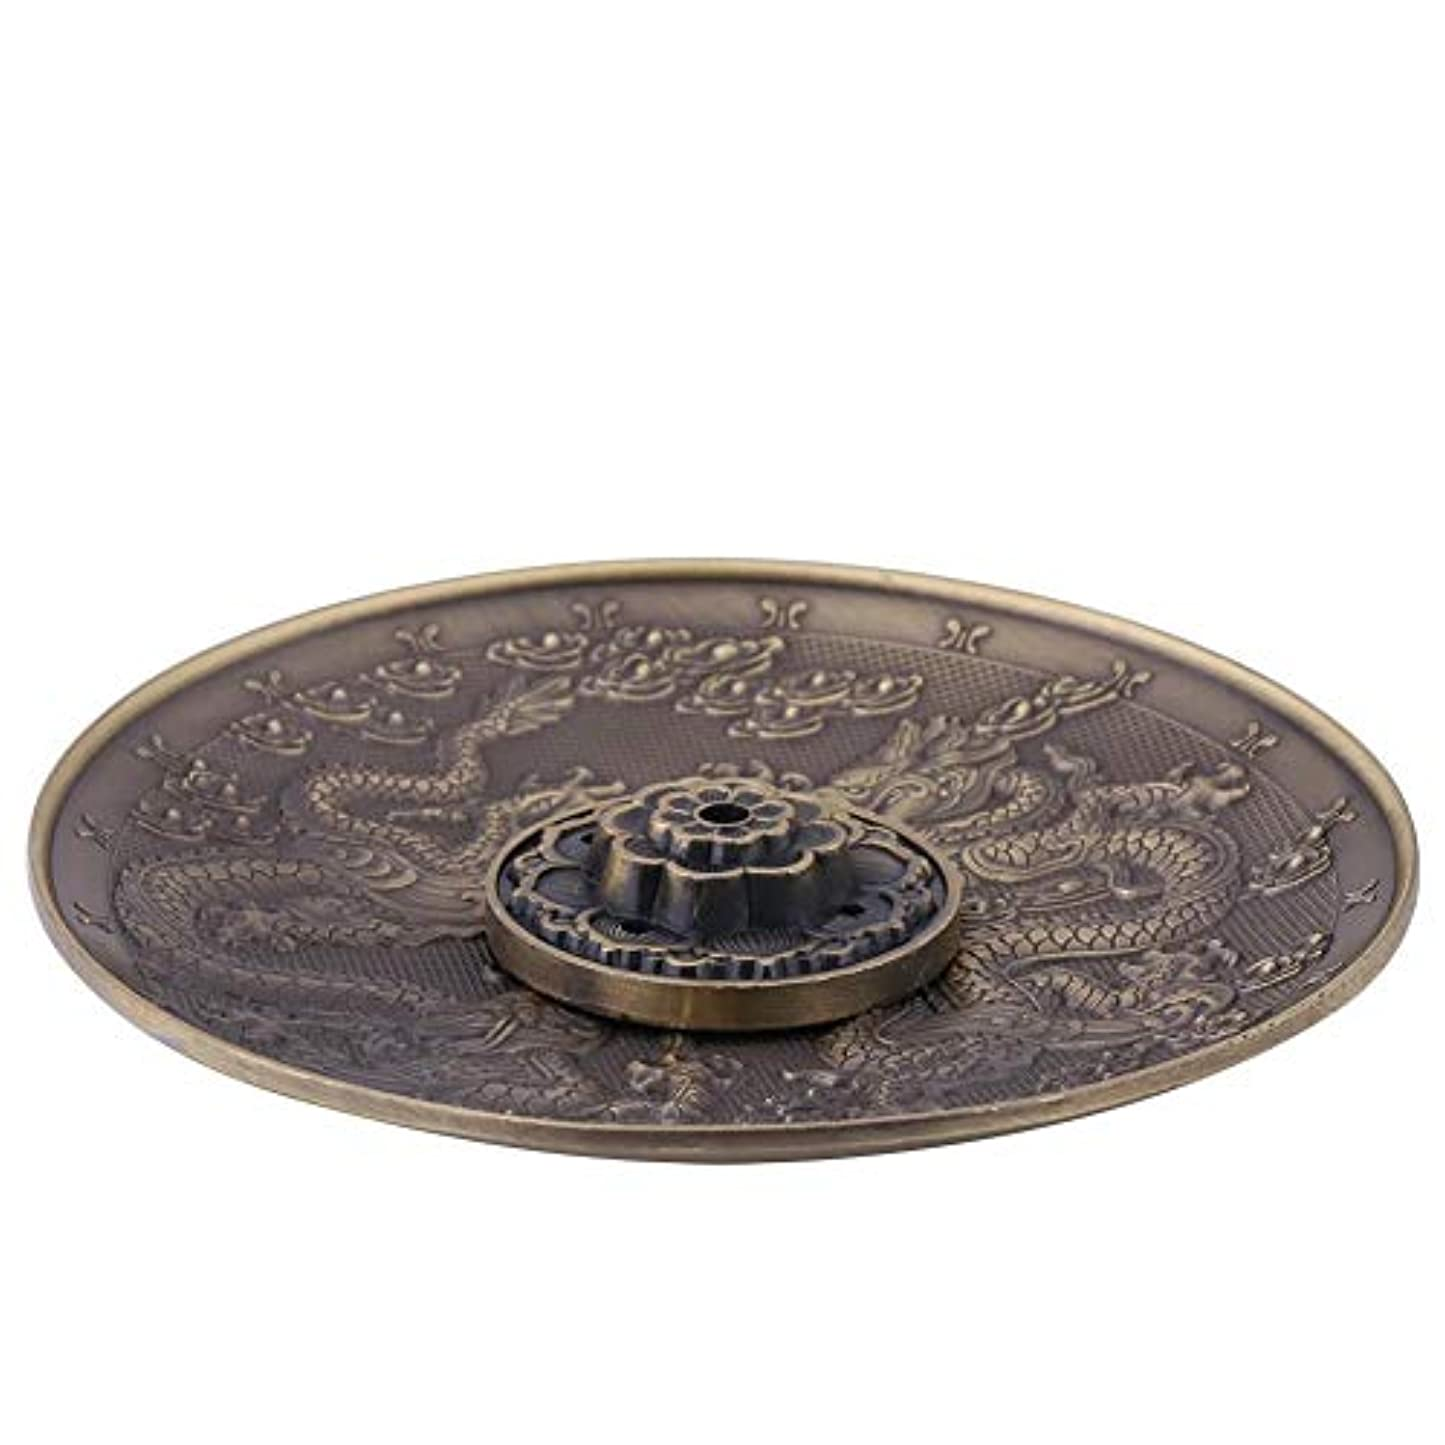 結核レタッチ外交官金属バーナーホルダー5穴亜鉛合金の香りバーナーホルダー 寝室の寺院の装飾 ドラゴンパターンの香炉プレート(#2)